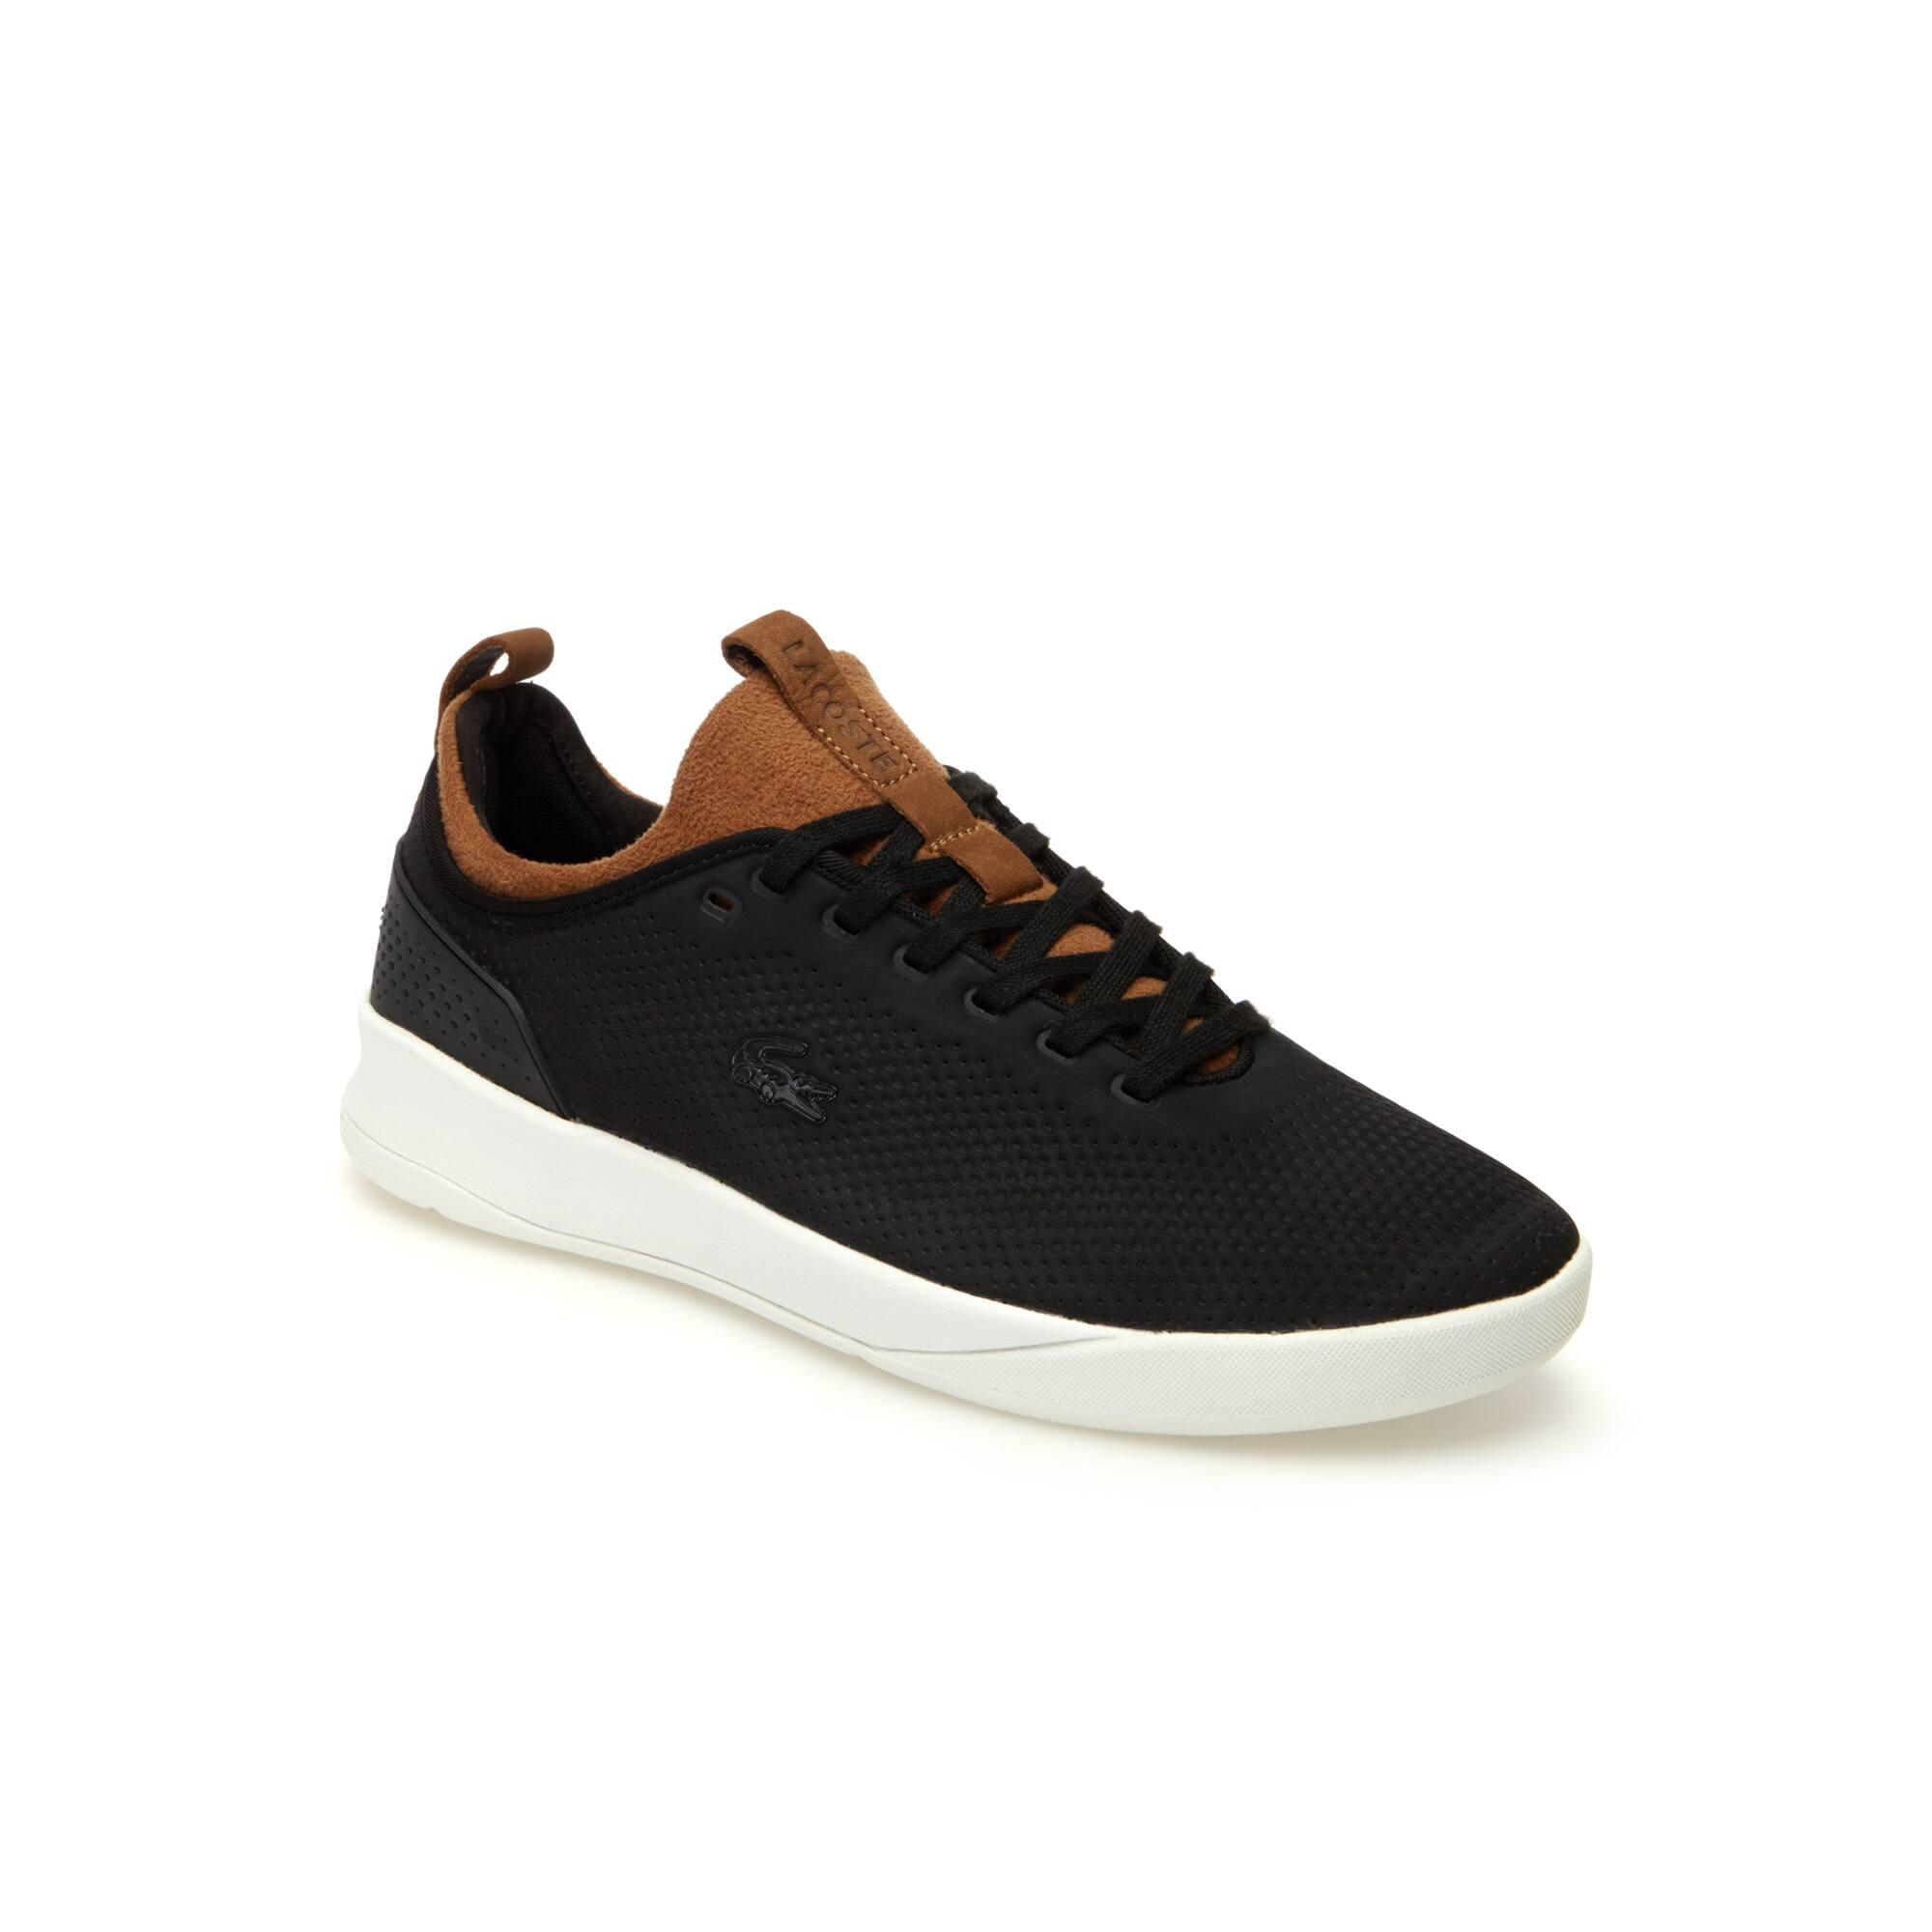 Sneakers LT Spirit SPORT 2.0 homme en synthétique et textile